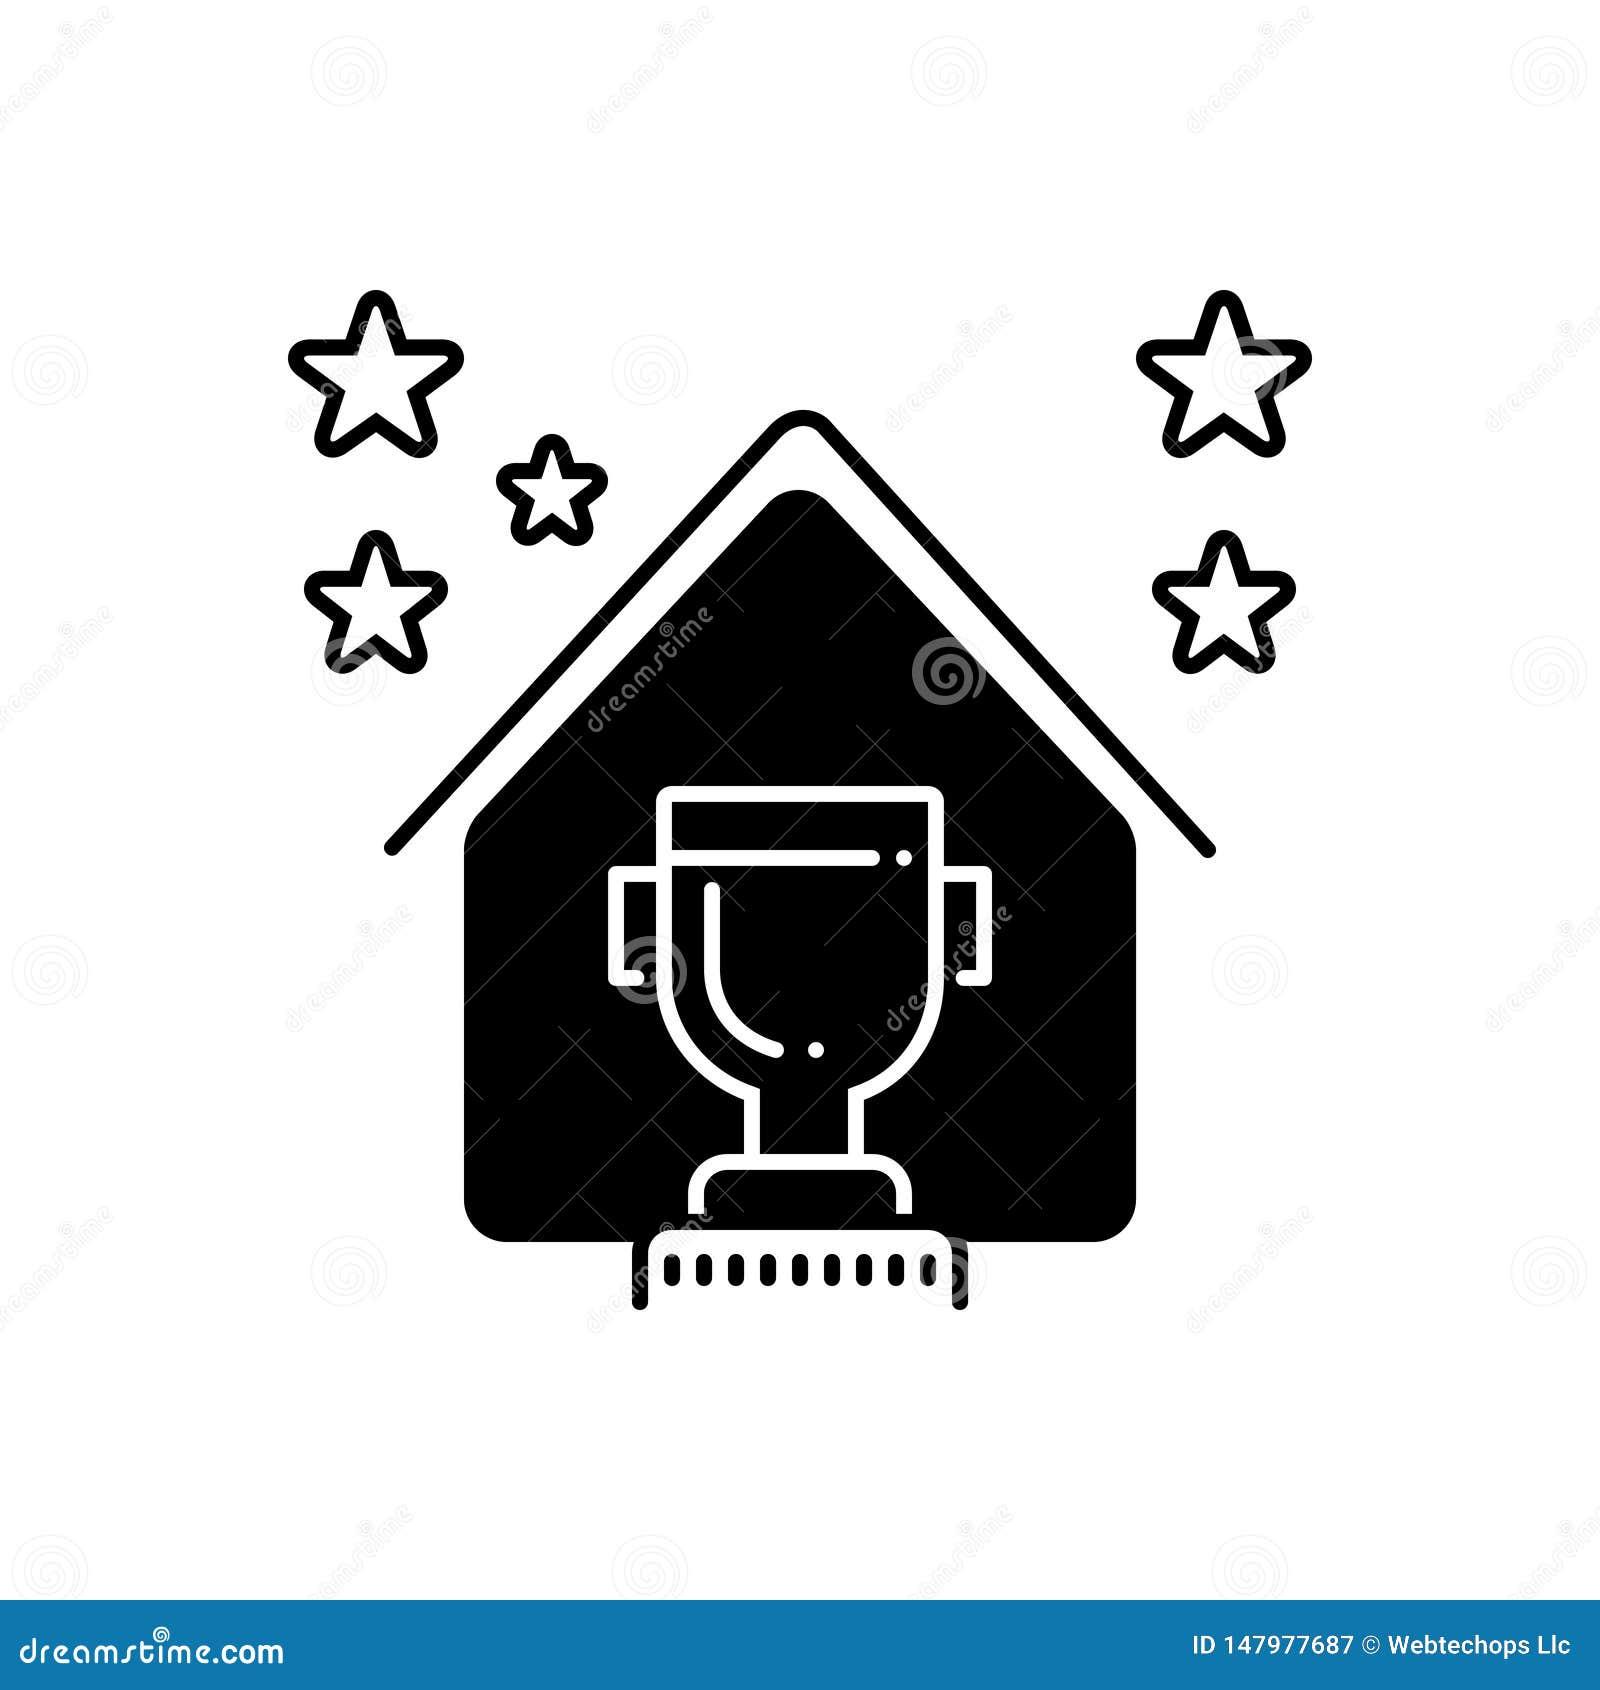 Ícone contínuo preto para a concessão, o prêmio e a insígnia real dos bens imobiliários